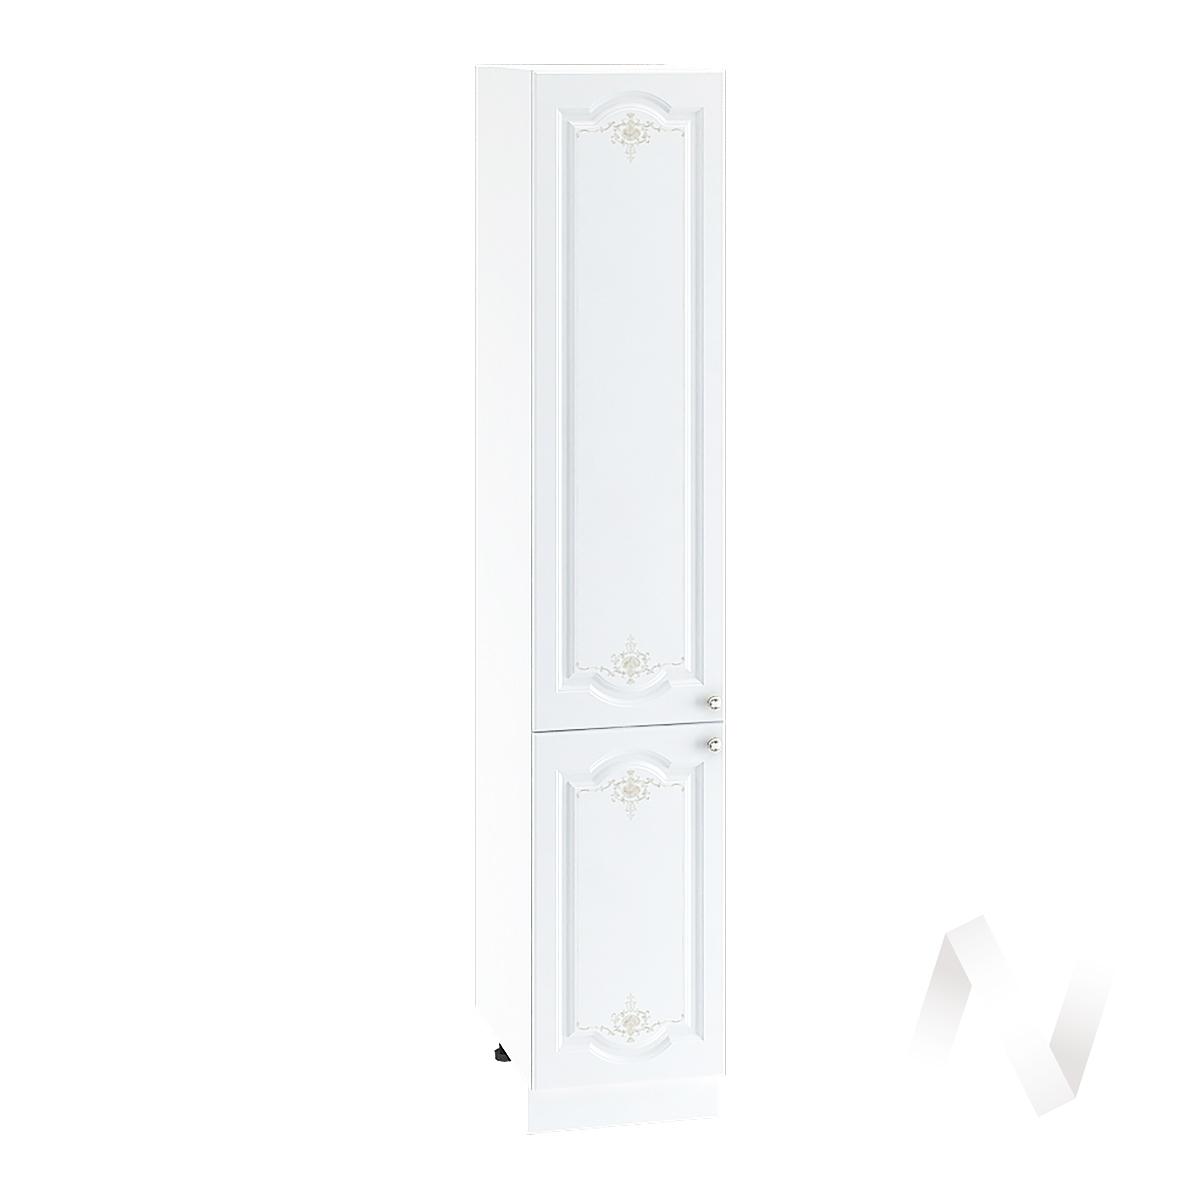 """Кухня """"Шарлиз"""": Шкаф пенал 400, ШП 400 (корпус белый)"""